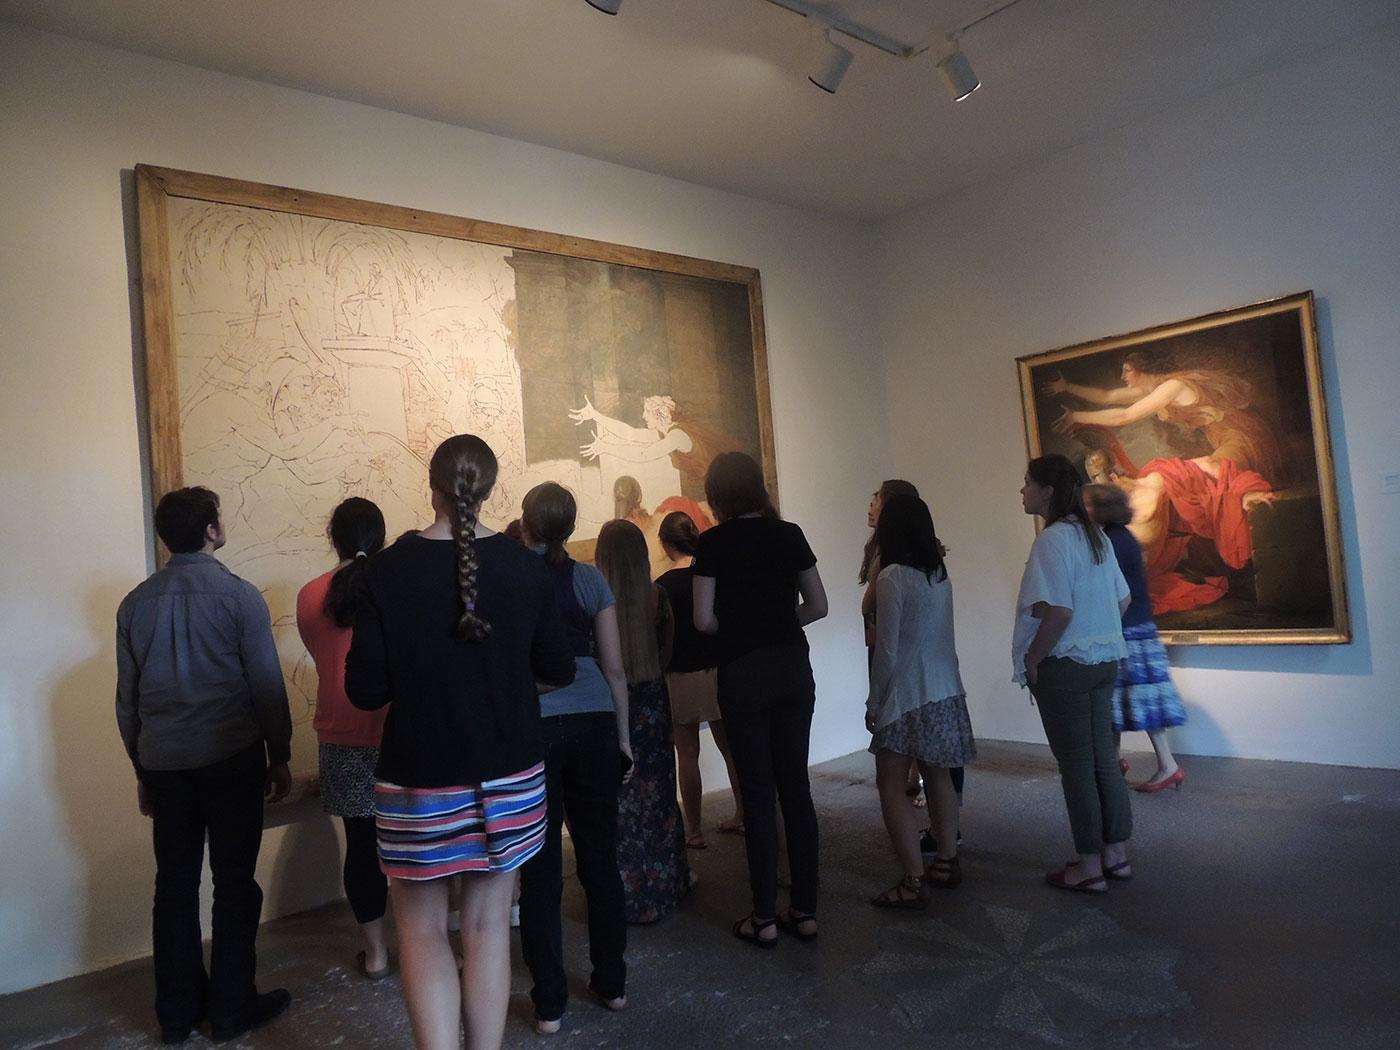 MUSÉE RÉATTU – Escapade au musée